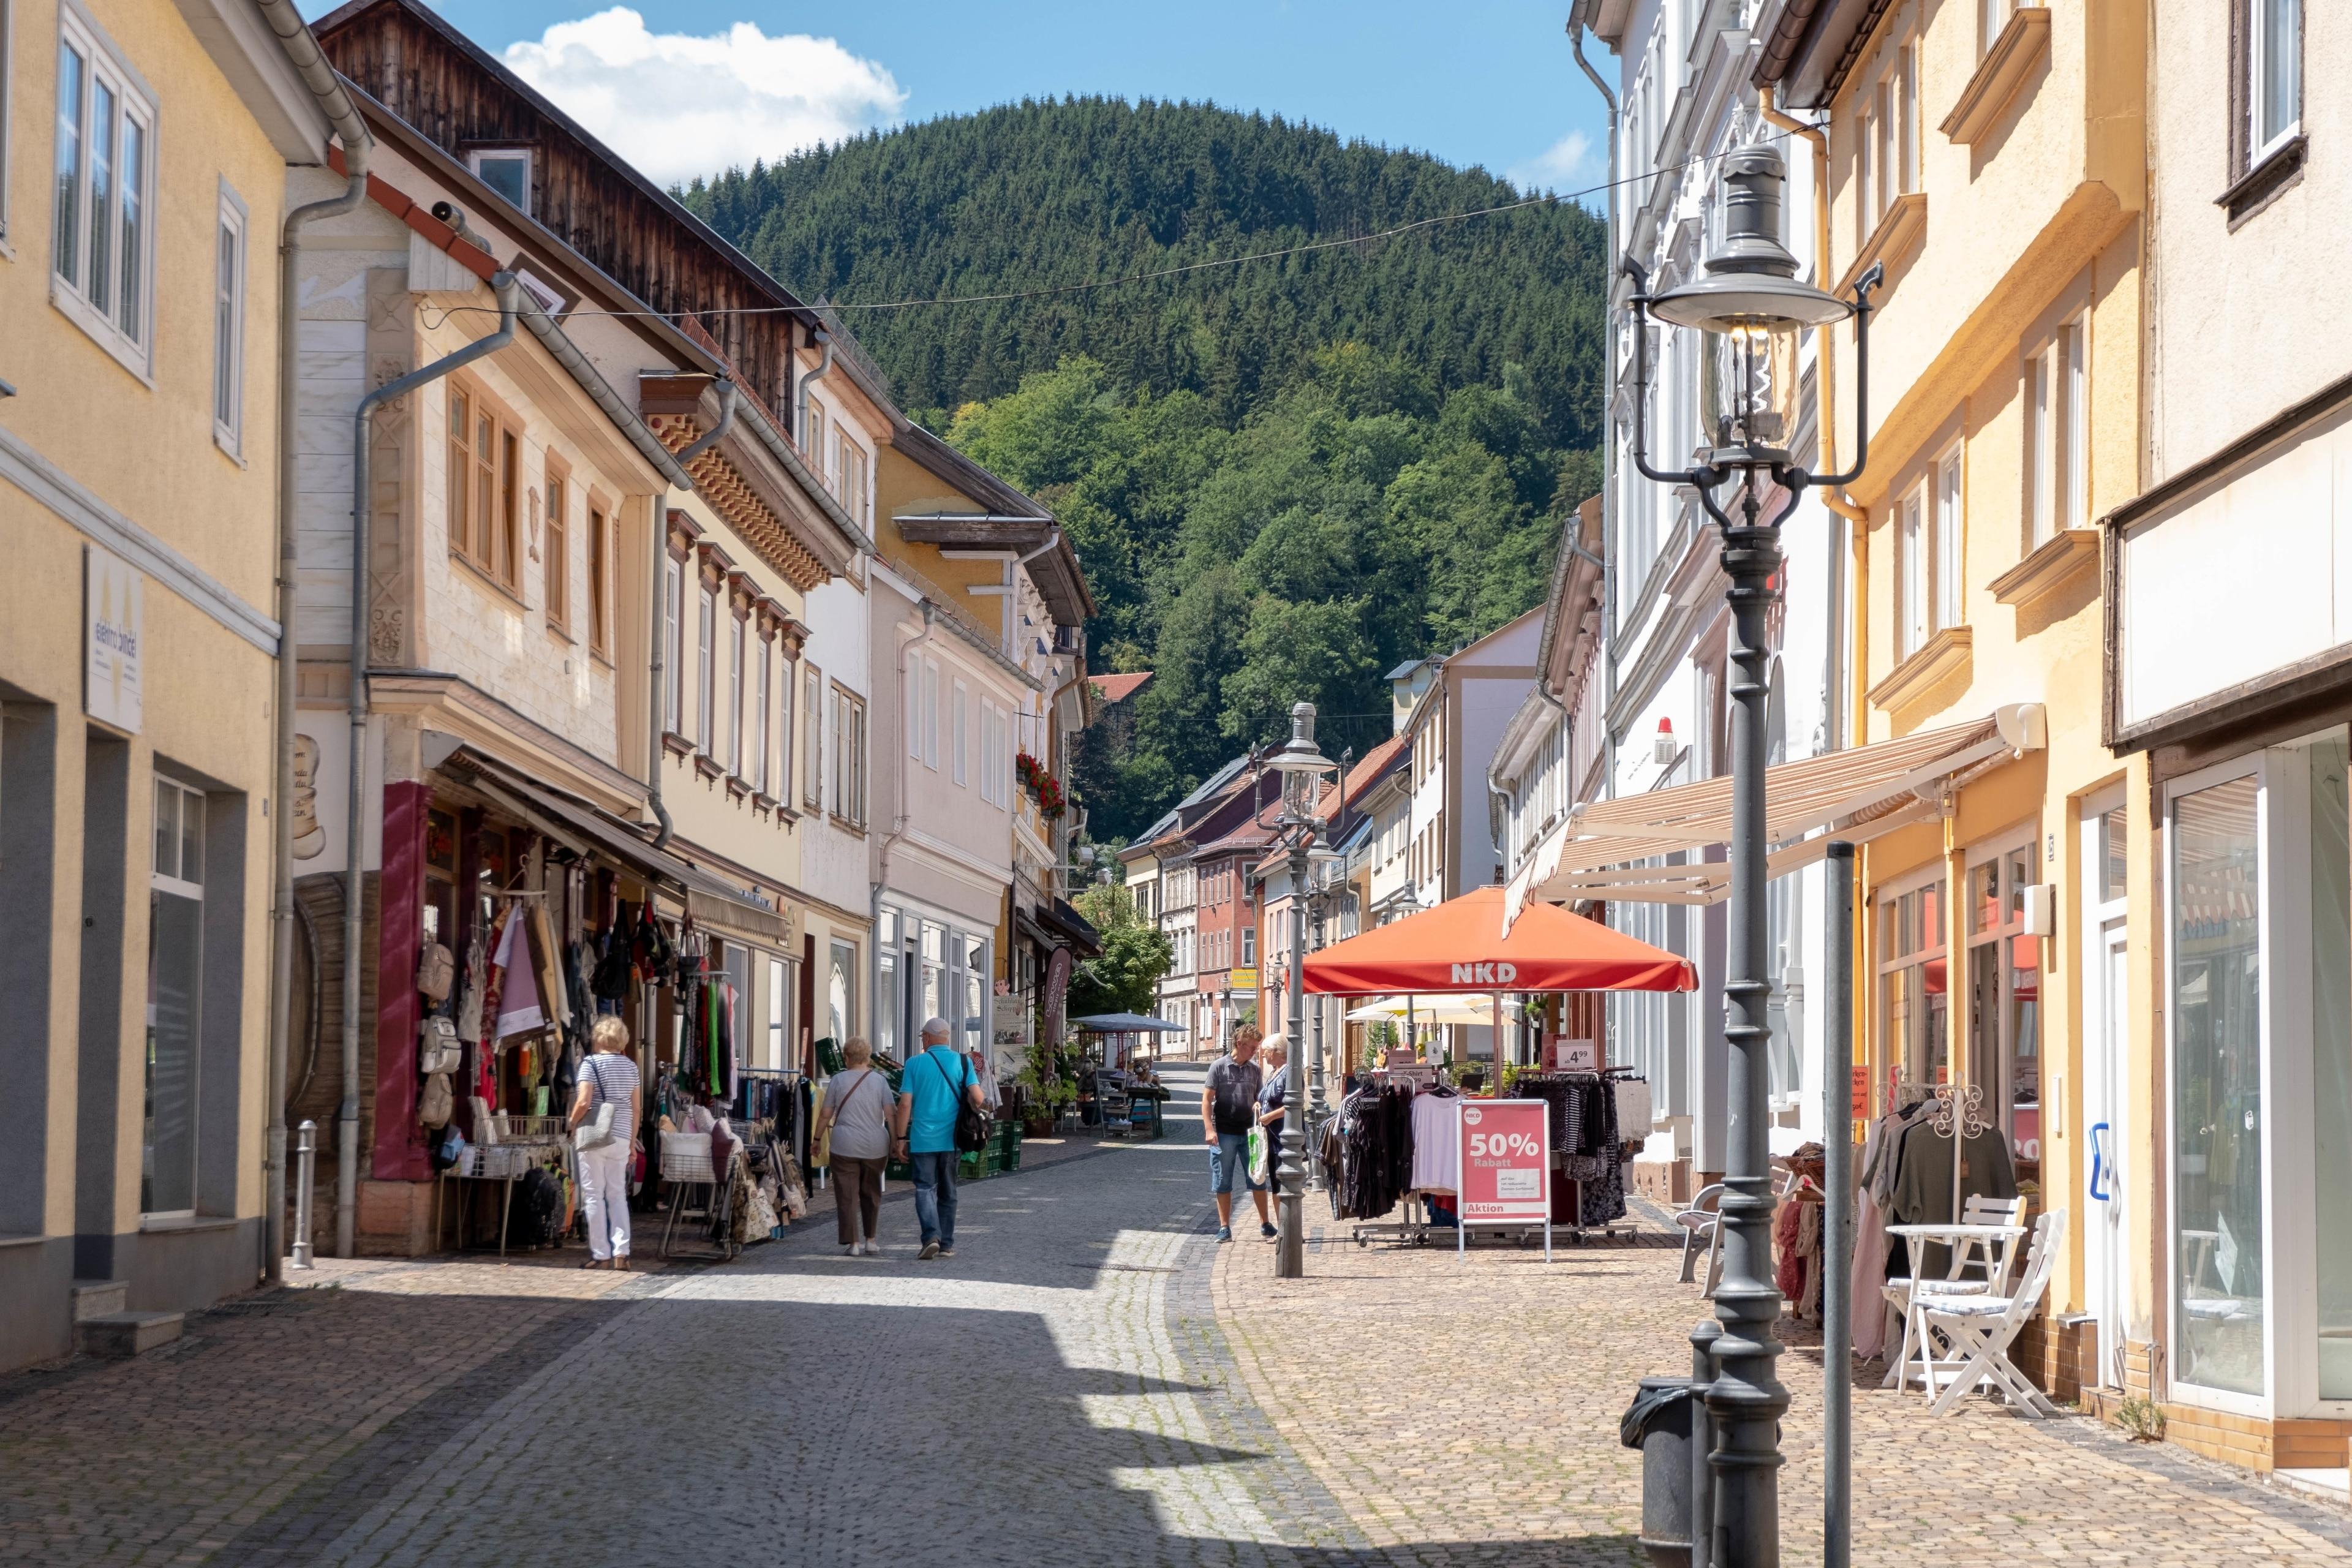 Landkreis Gotha, Thuringia, Tyskland